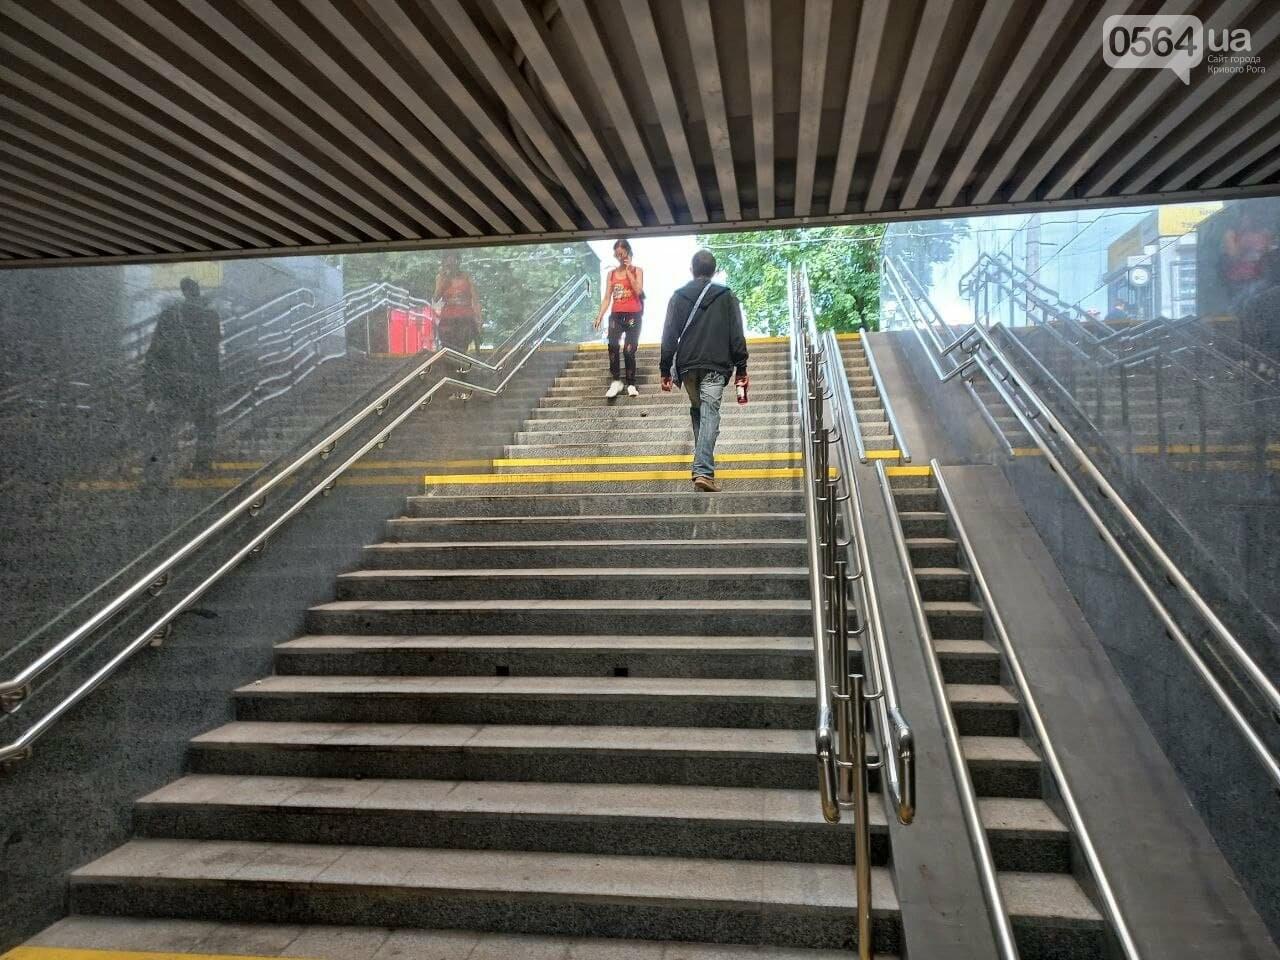 Возле Центрального рынка в Кривом Роге закрыли наземный переход и открыли подземный, - ФОТО, фото-19